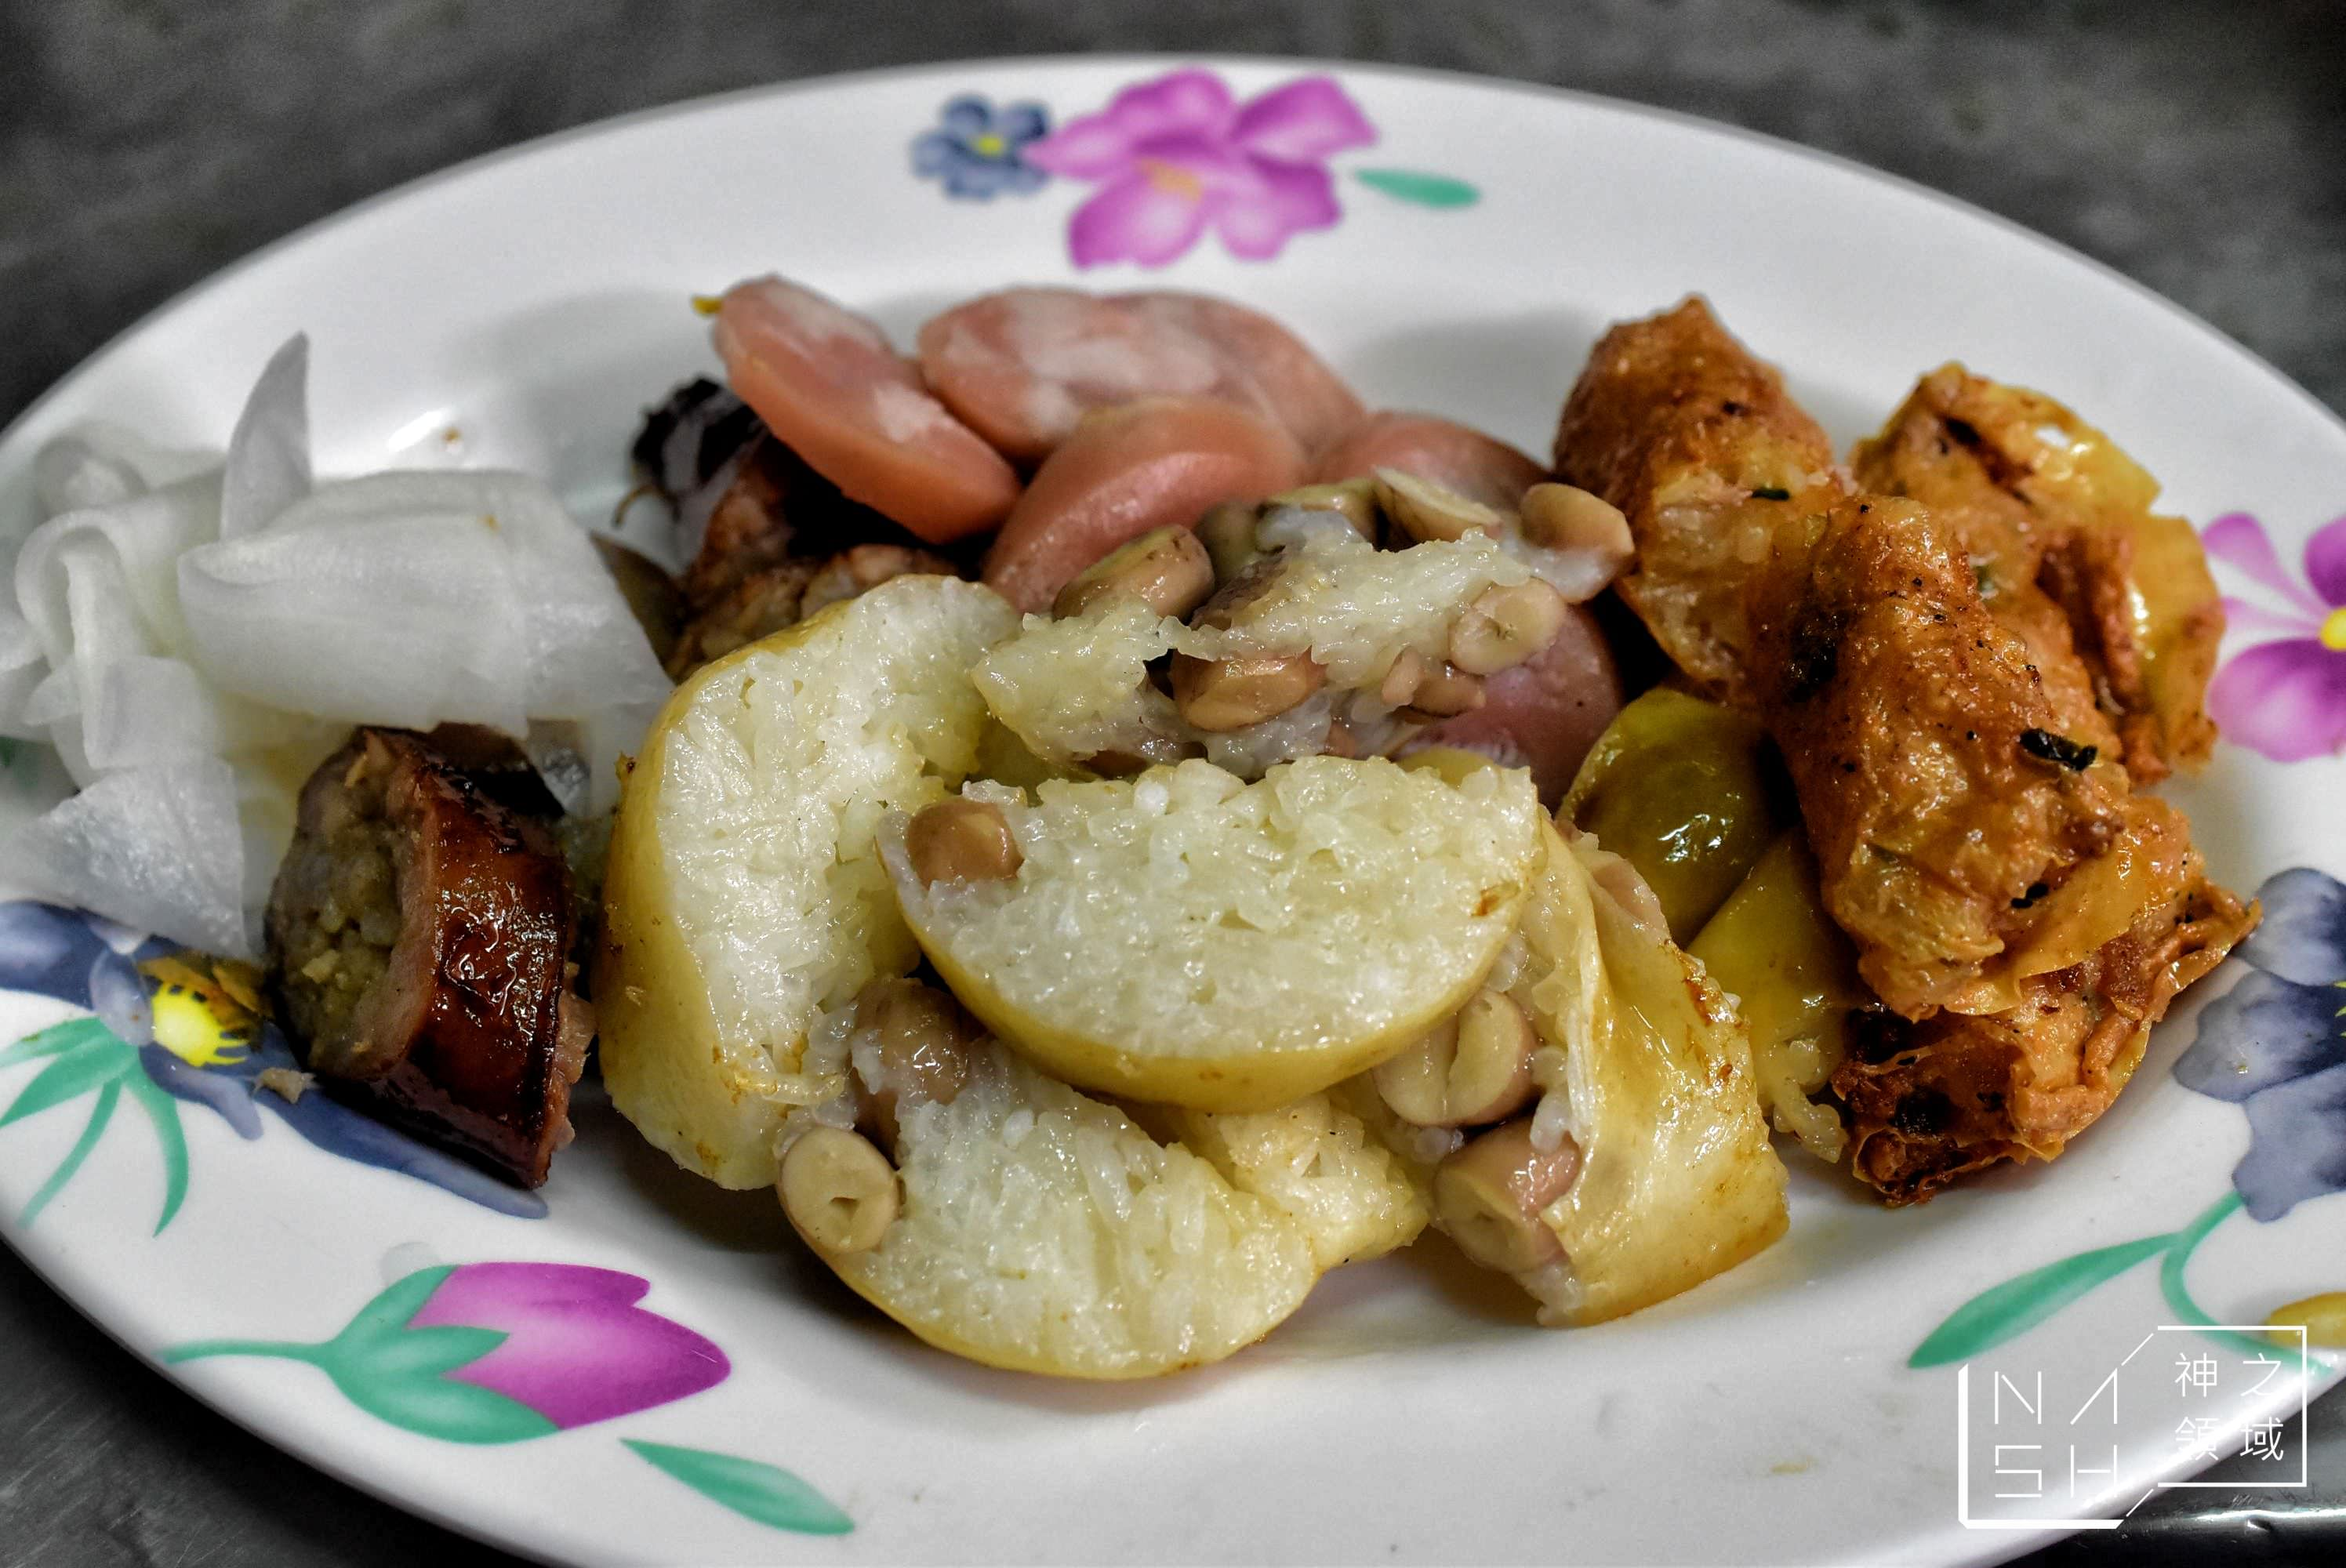 黑白切,榮盛米糕,阿財點心,香腸熟肉 @Nash,神之領域